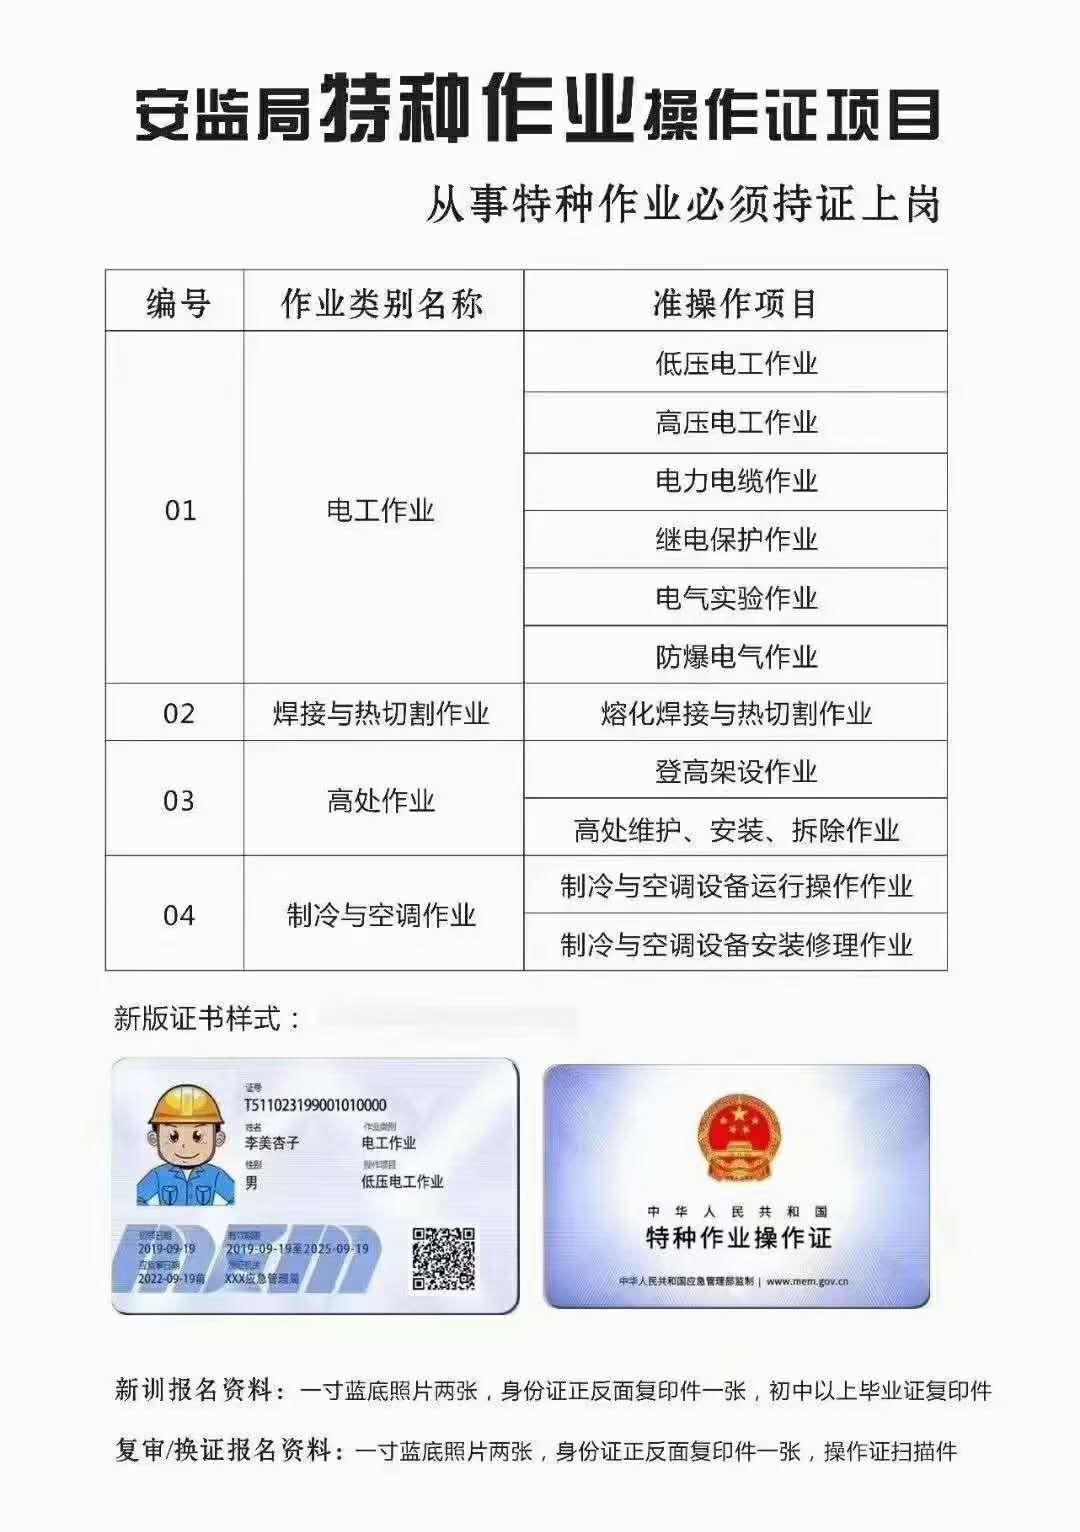 普宁【江西理工大学成人高考】报名时间及条件